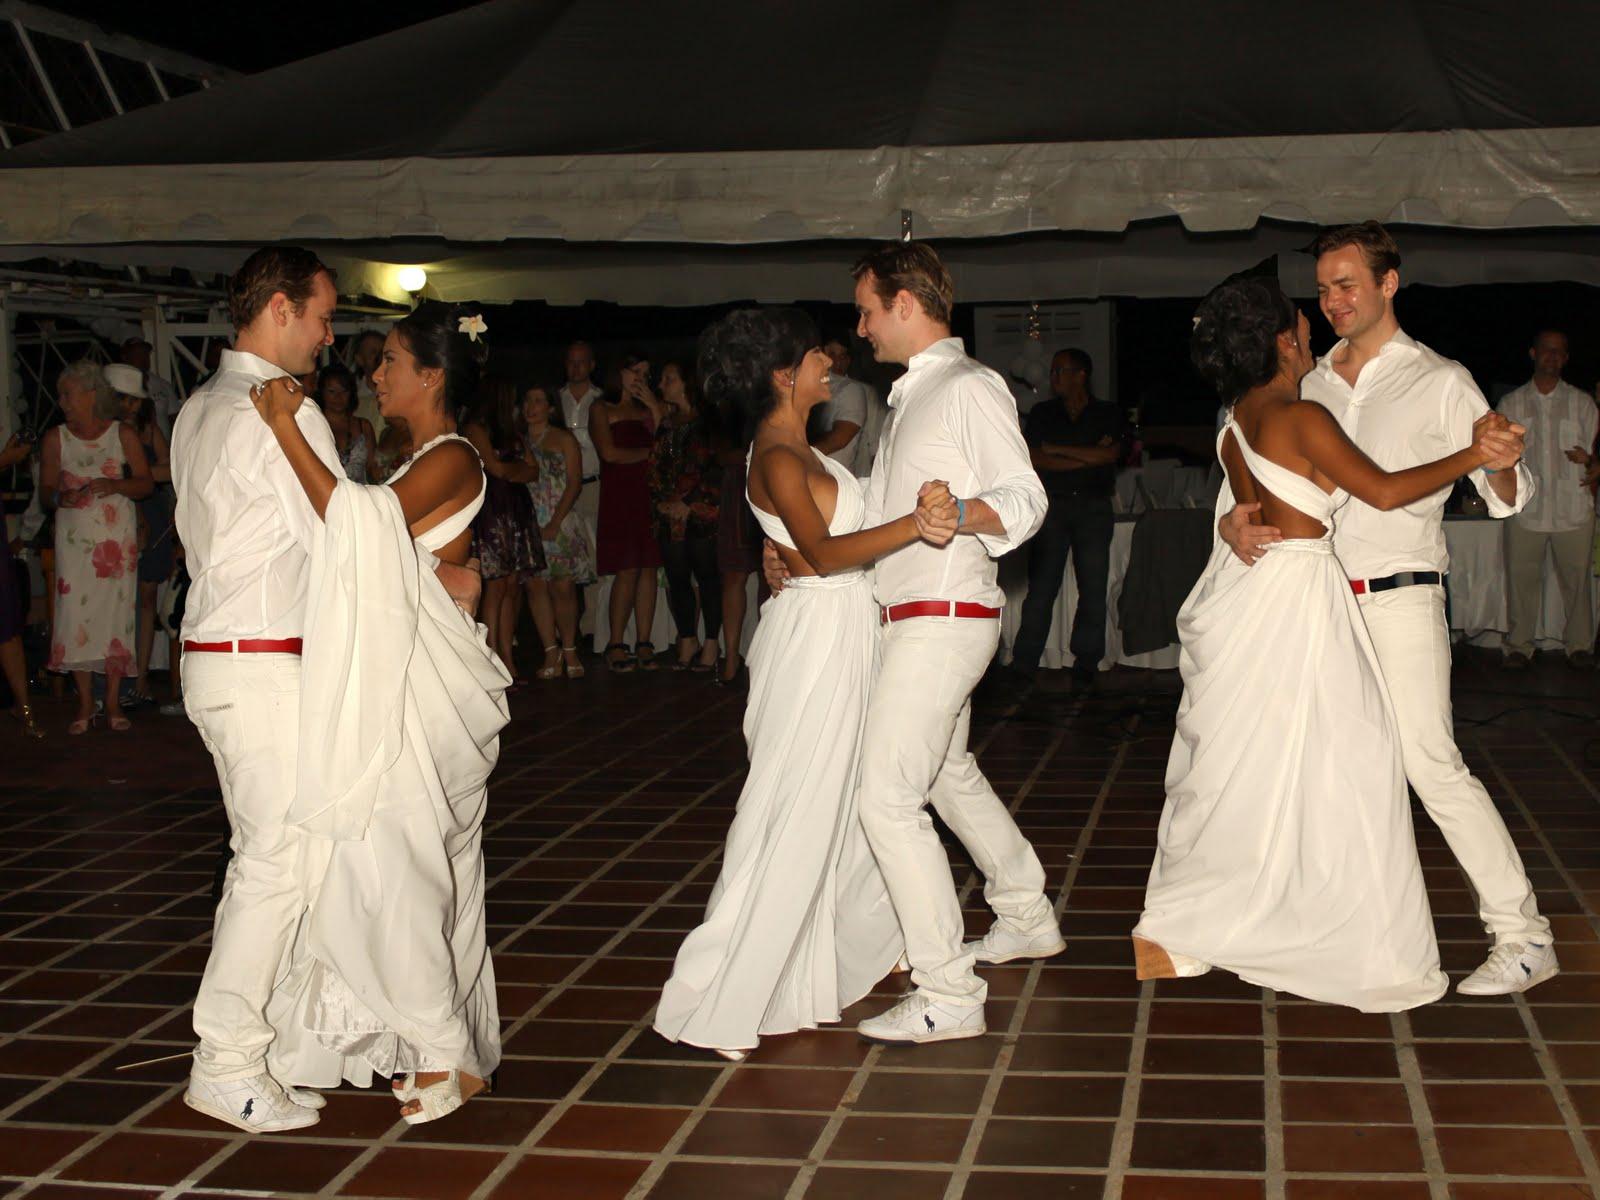 Para estas sesiones de bodas, nos trasladamos a la orilla de la playa en tucacas; Venezuela, un bello escenario natural en donde se celebró el evento.